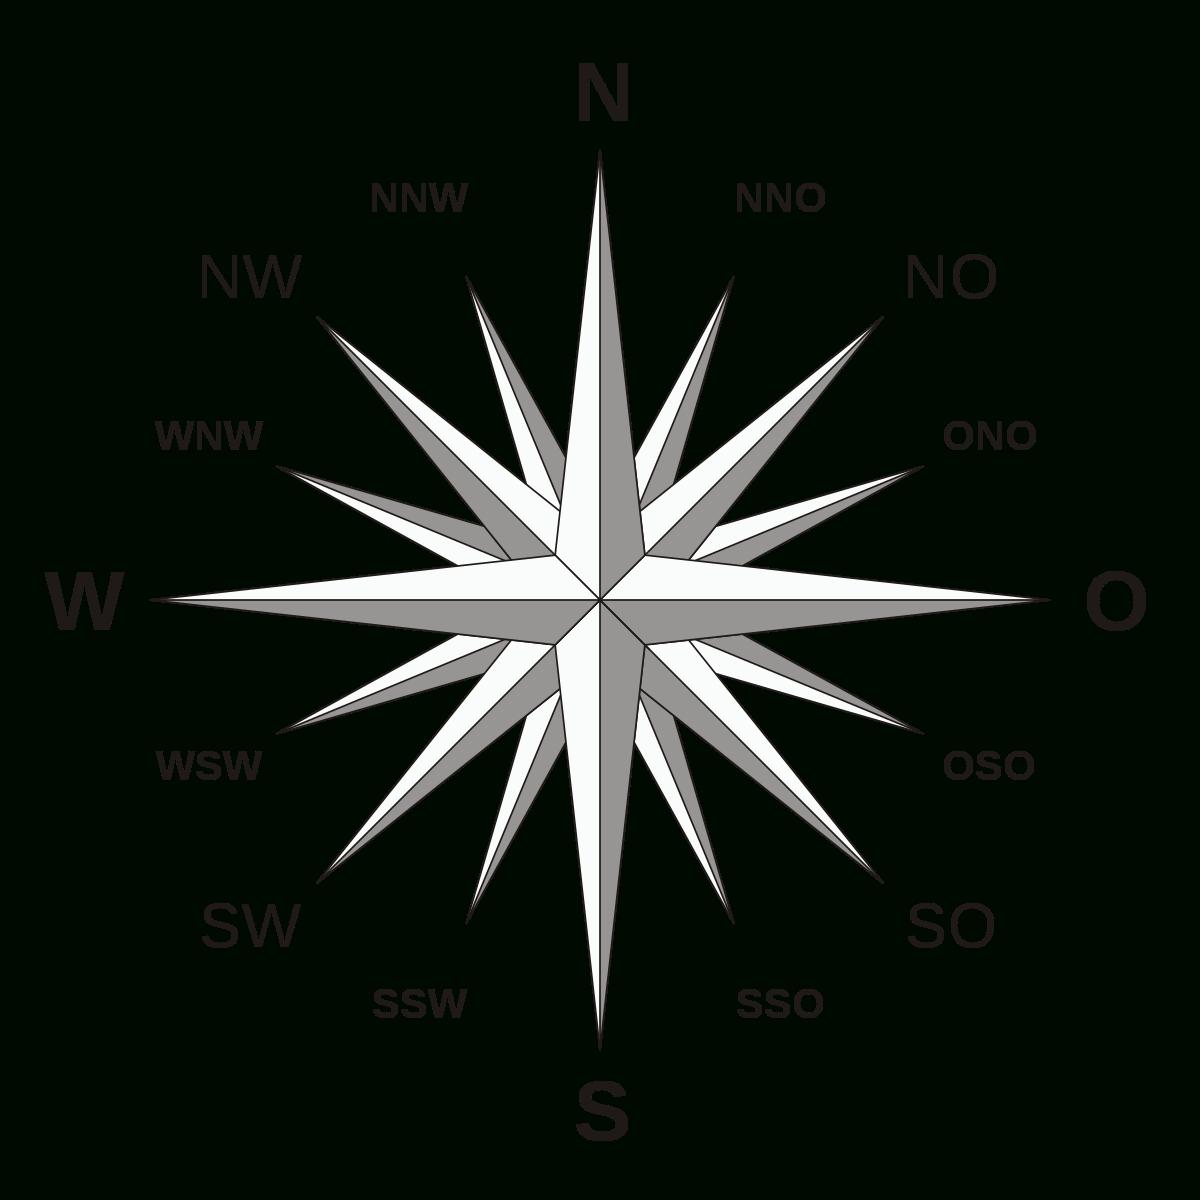 Himmelsrichtung – Wikipedia verwandt mit Wo Geht Die Sonne Auf Himmelsrichtung